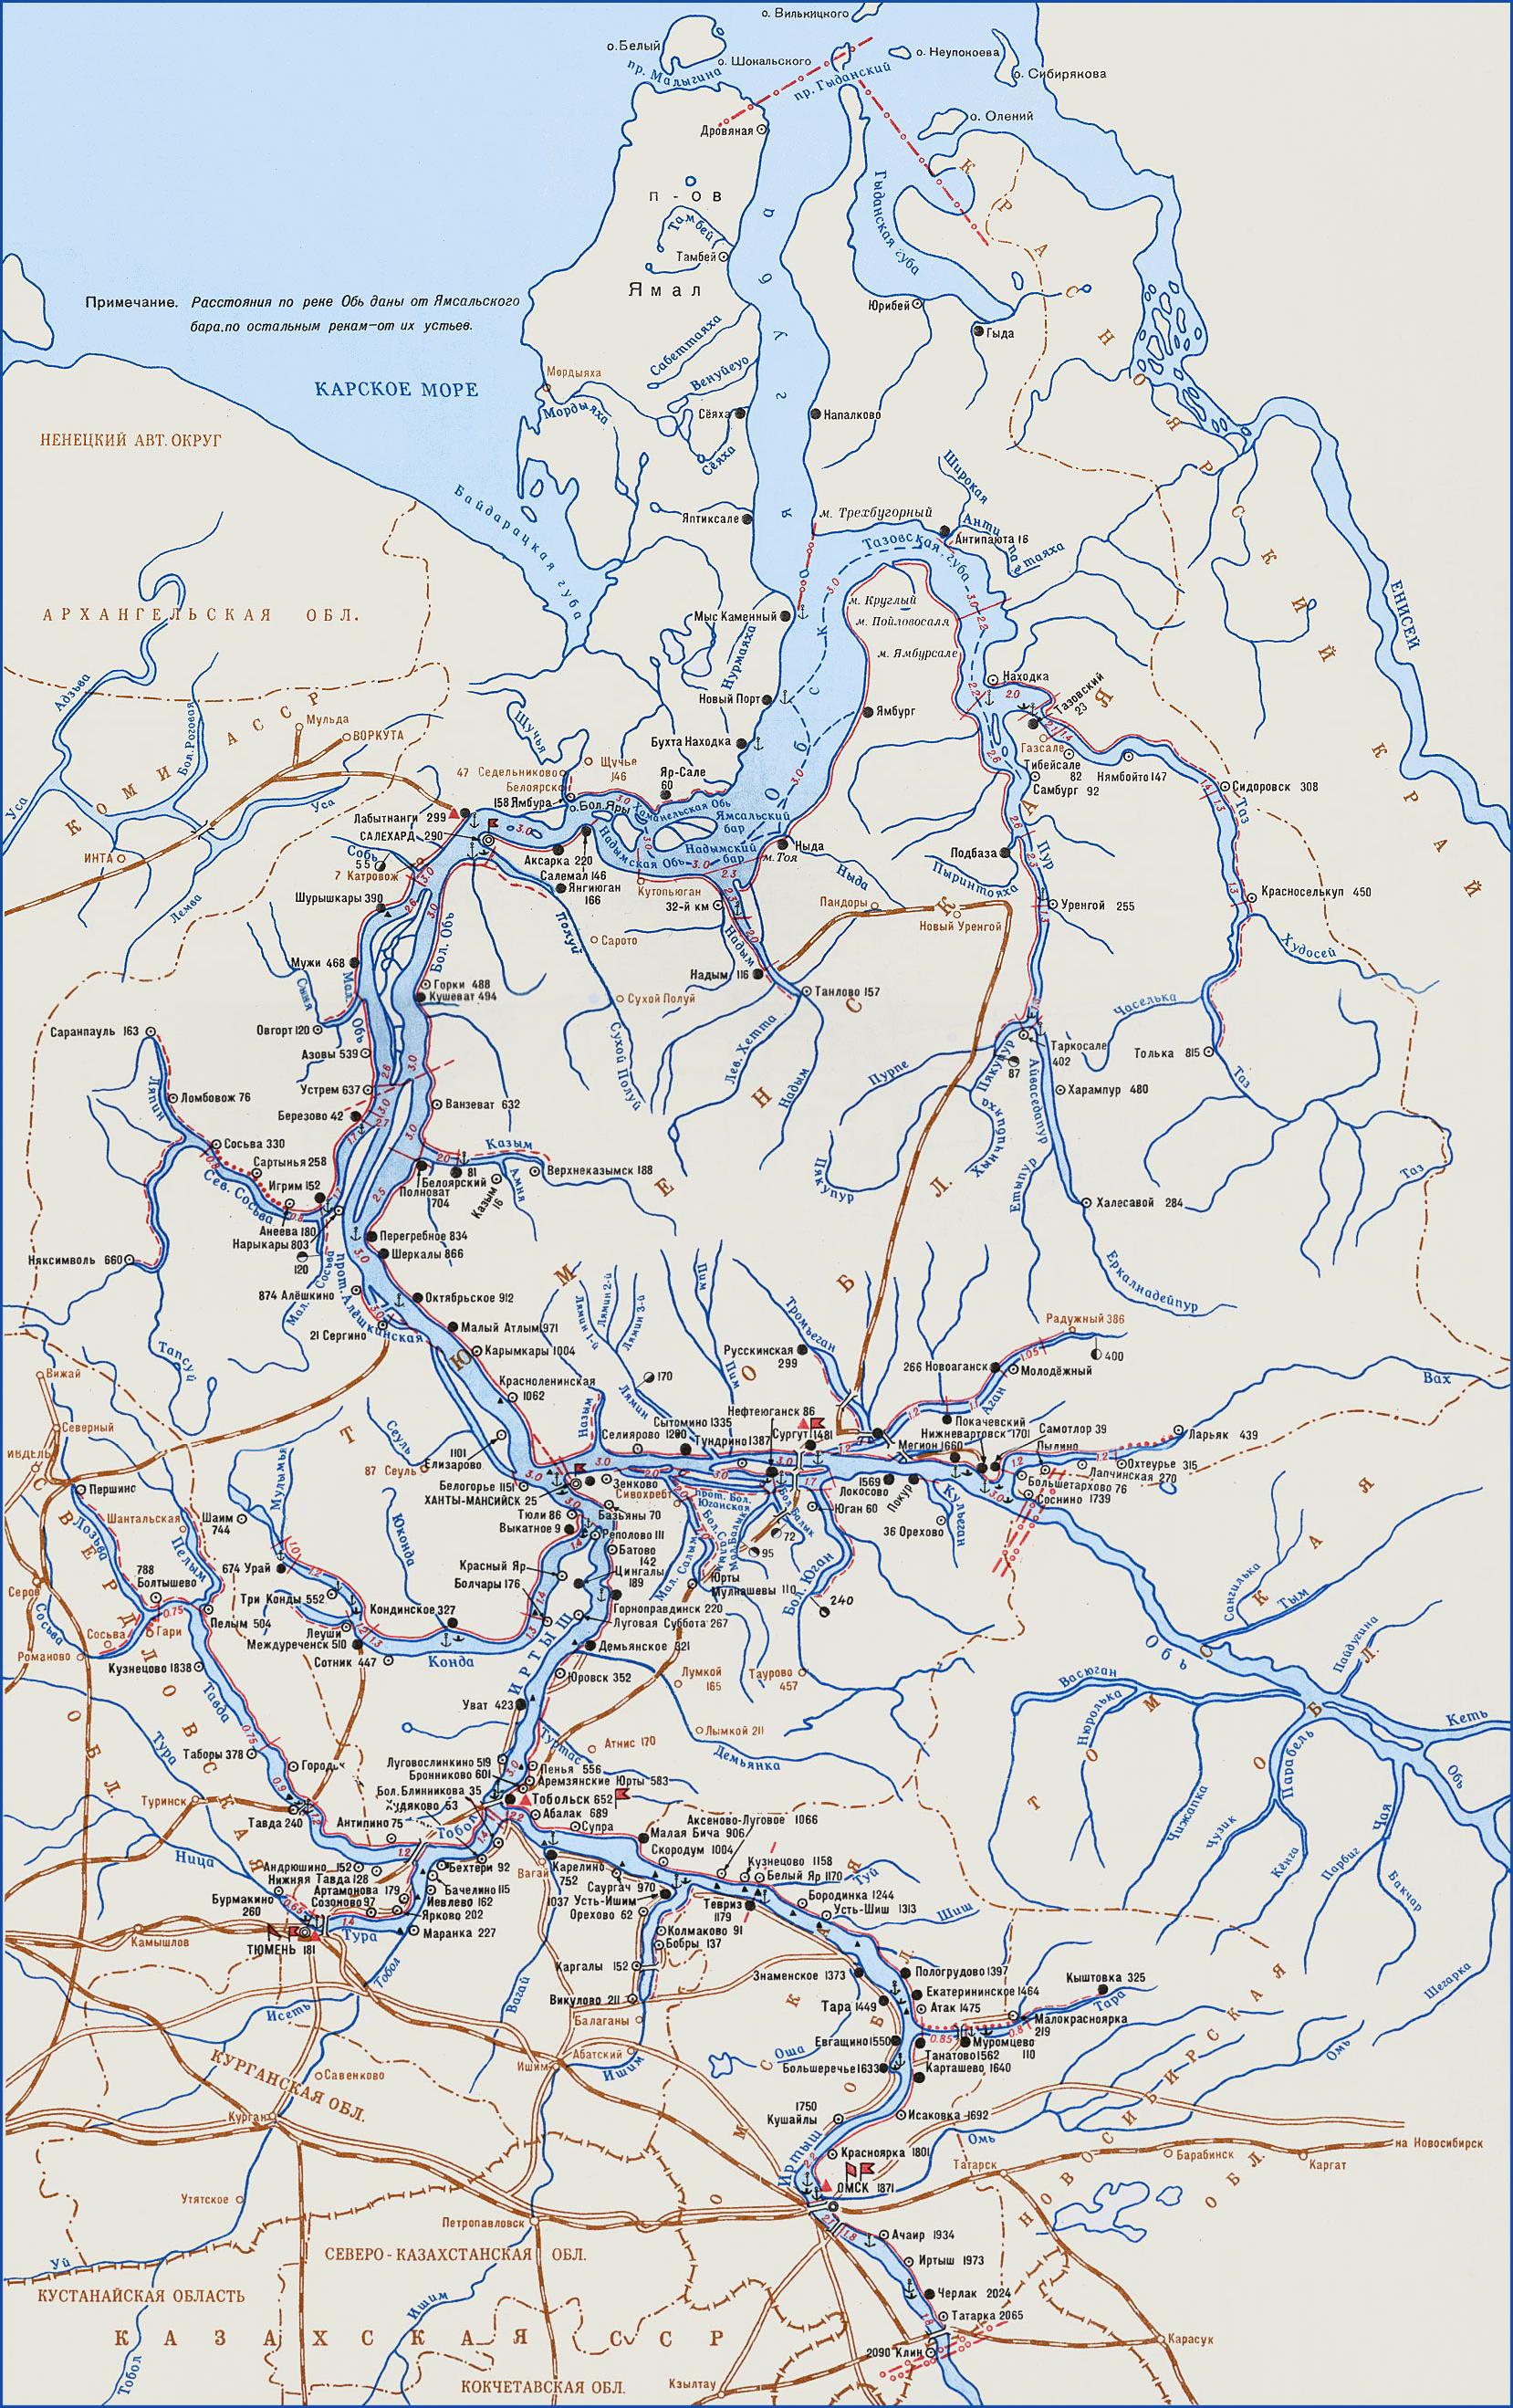 Схема водных путей иртышского бассейнового управления пути